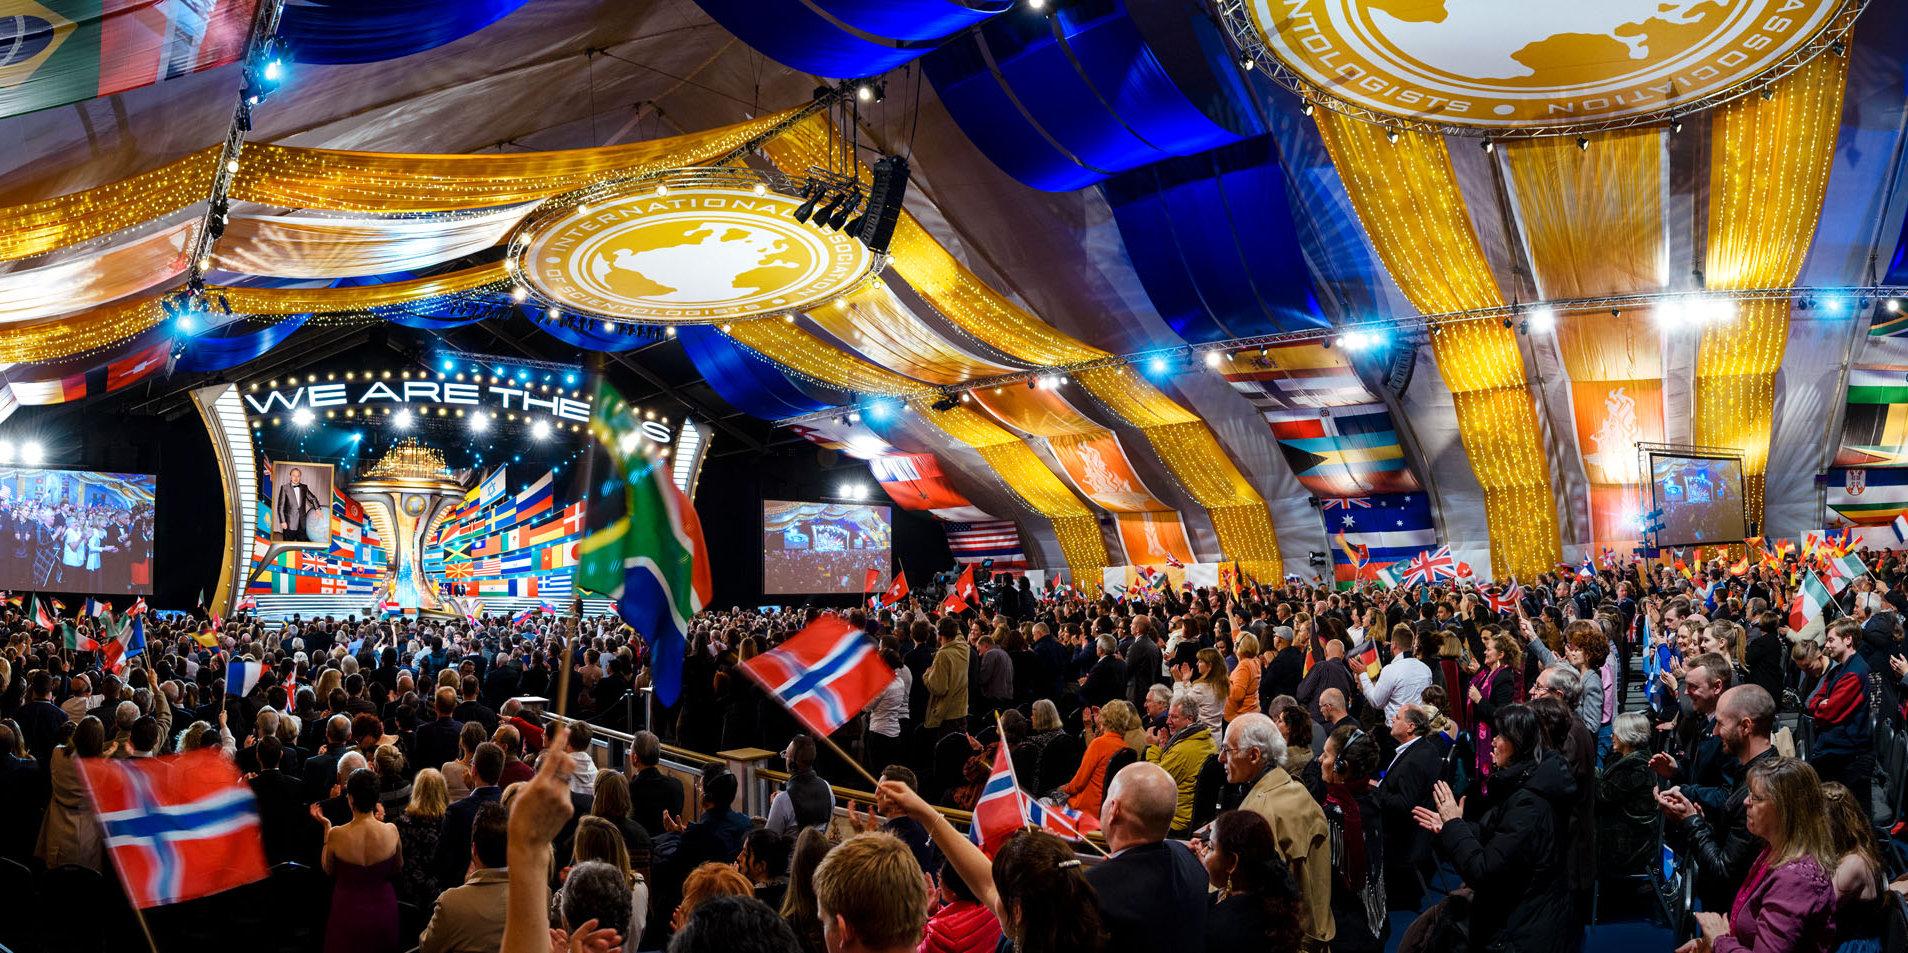 Verjaardag van de Internationale Associatie van Scientologen